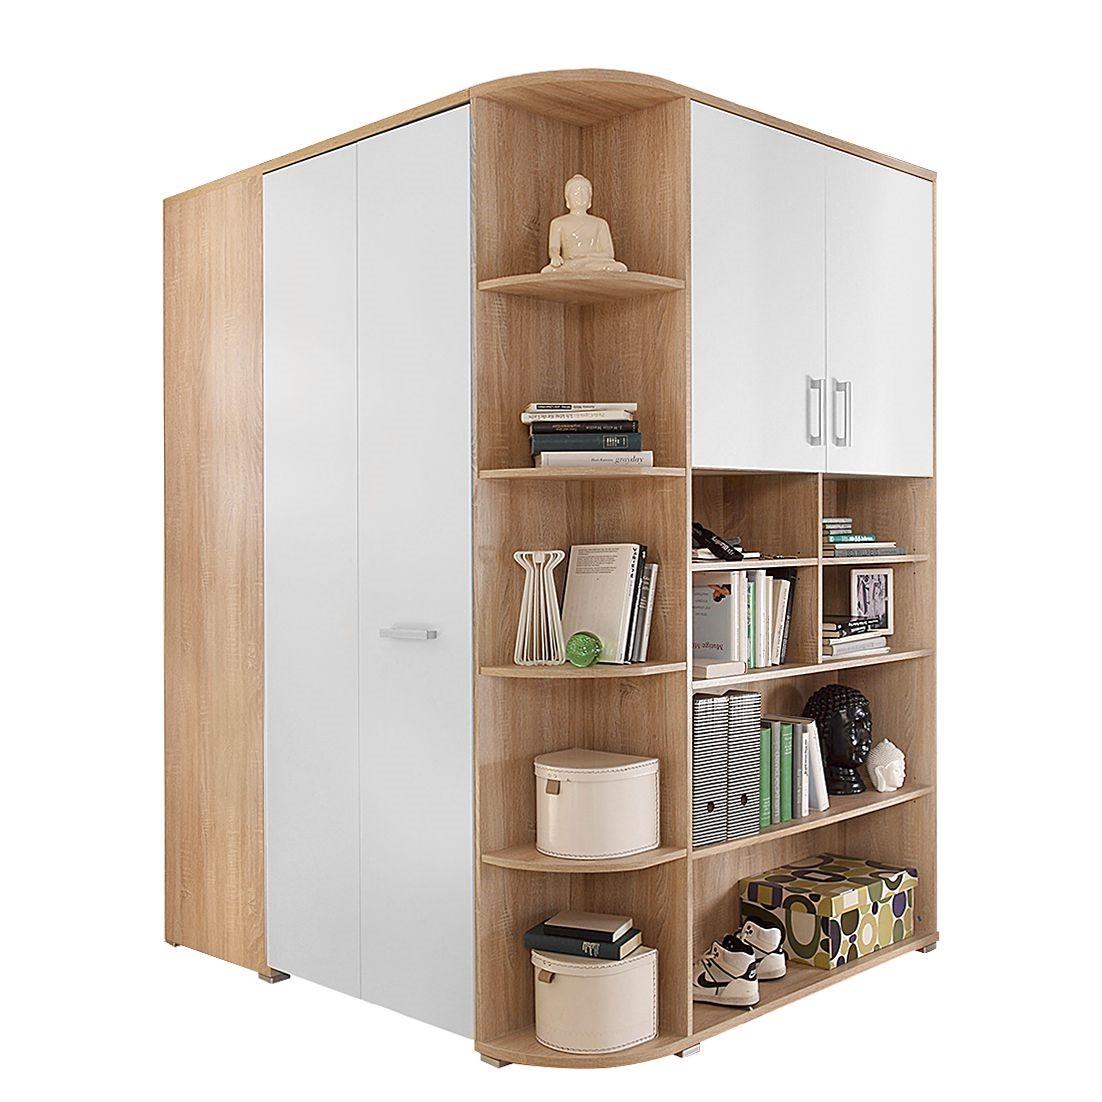 begehbarer kleiderschrank preisvergleich die besten angebote online kaufen. Black Bedroom Furniture Sets. Home Design Ideas